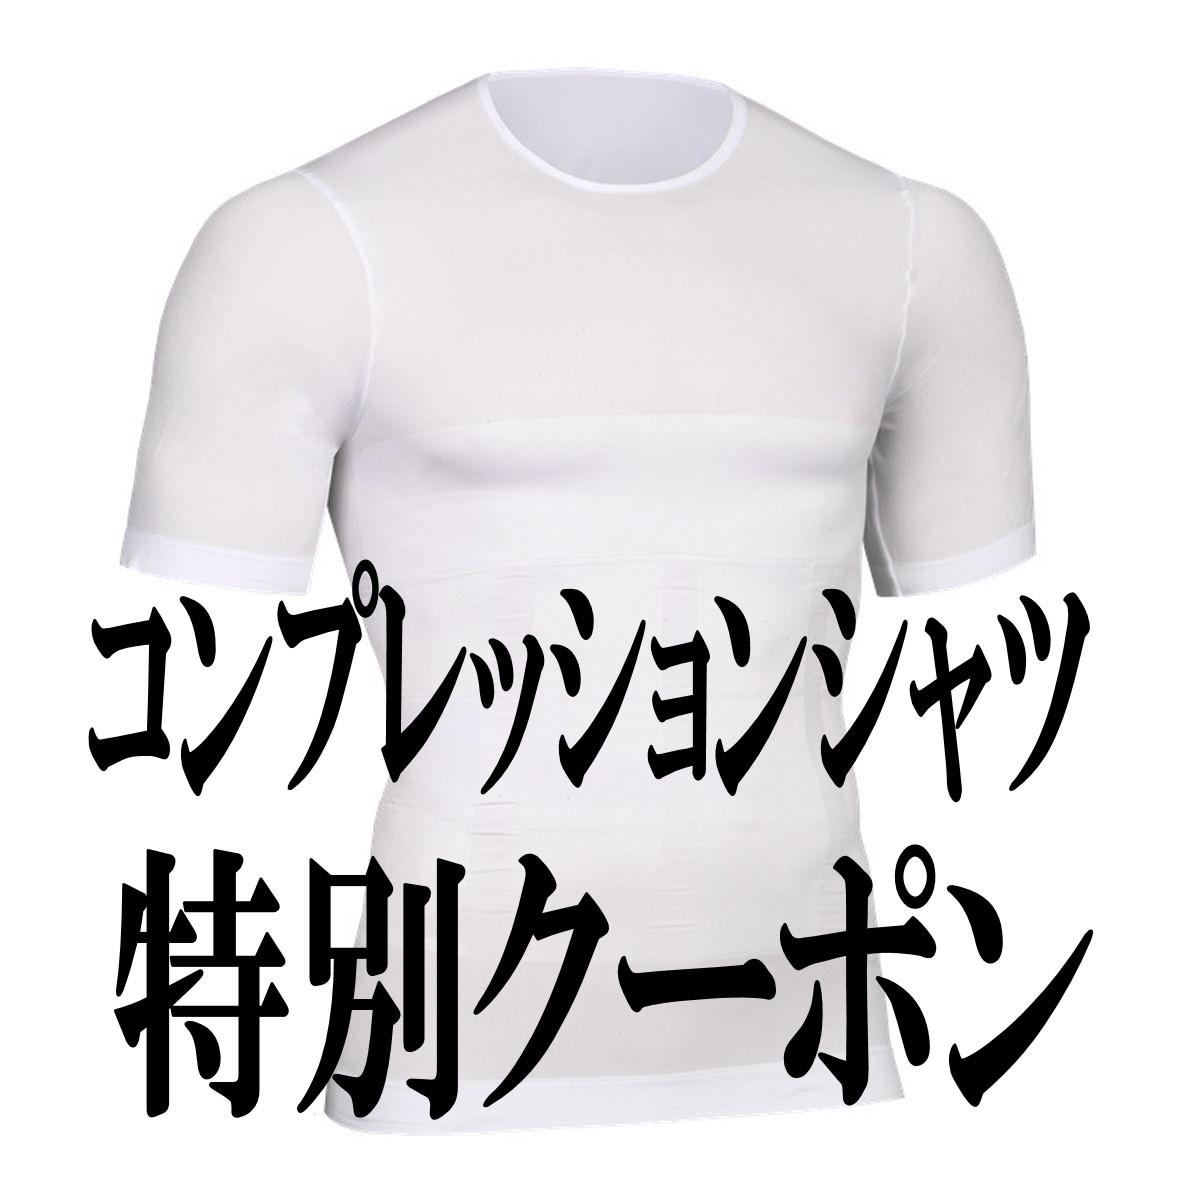 300円OFFゲリラクーポン!!人気のコンプレッションTシャツが300円引き!